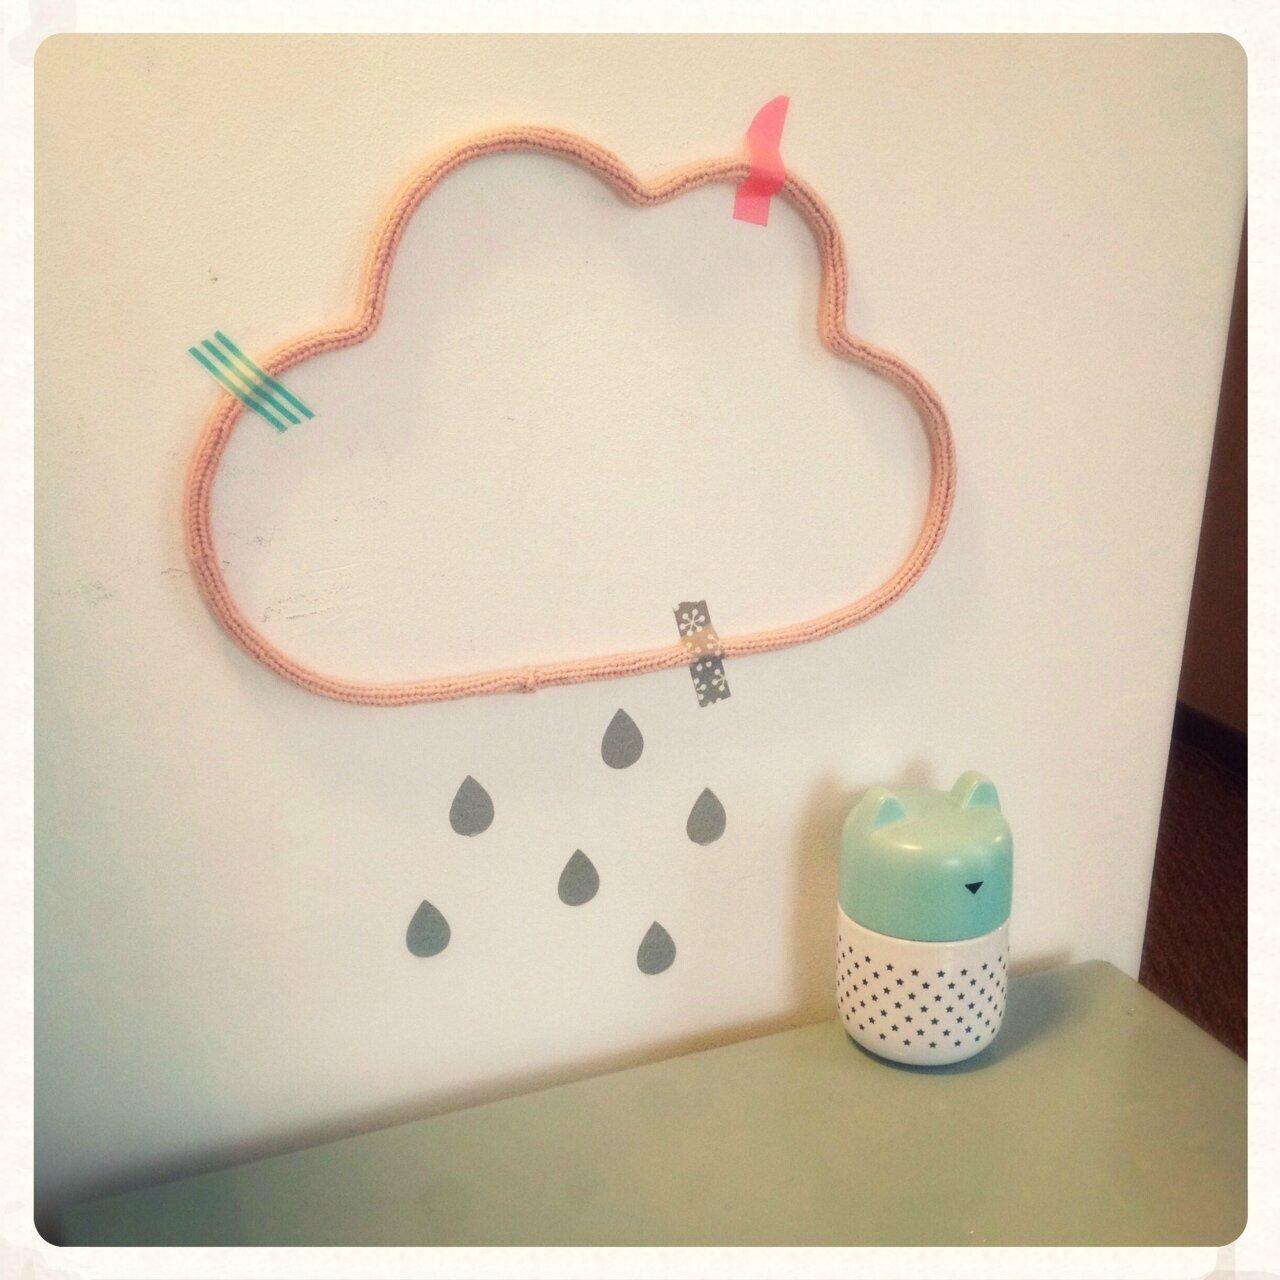 nuage-tricotin-rose-poudré-gouttes-stickers-gris-pot-chat-menthe-bandjo-mini-labo-02